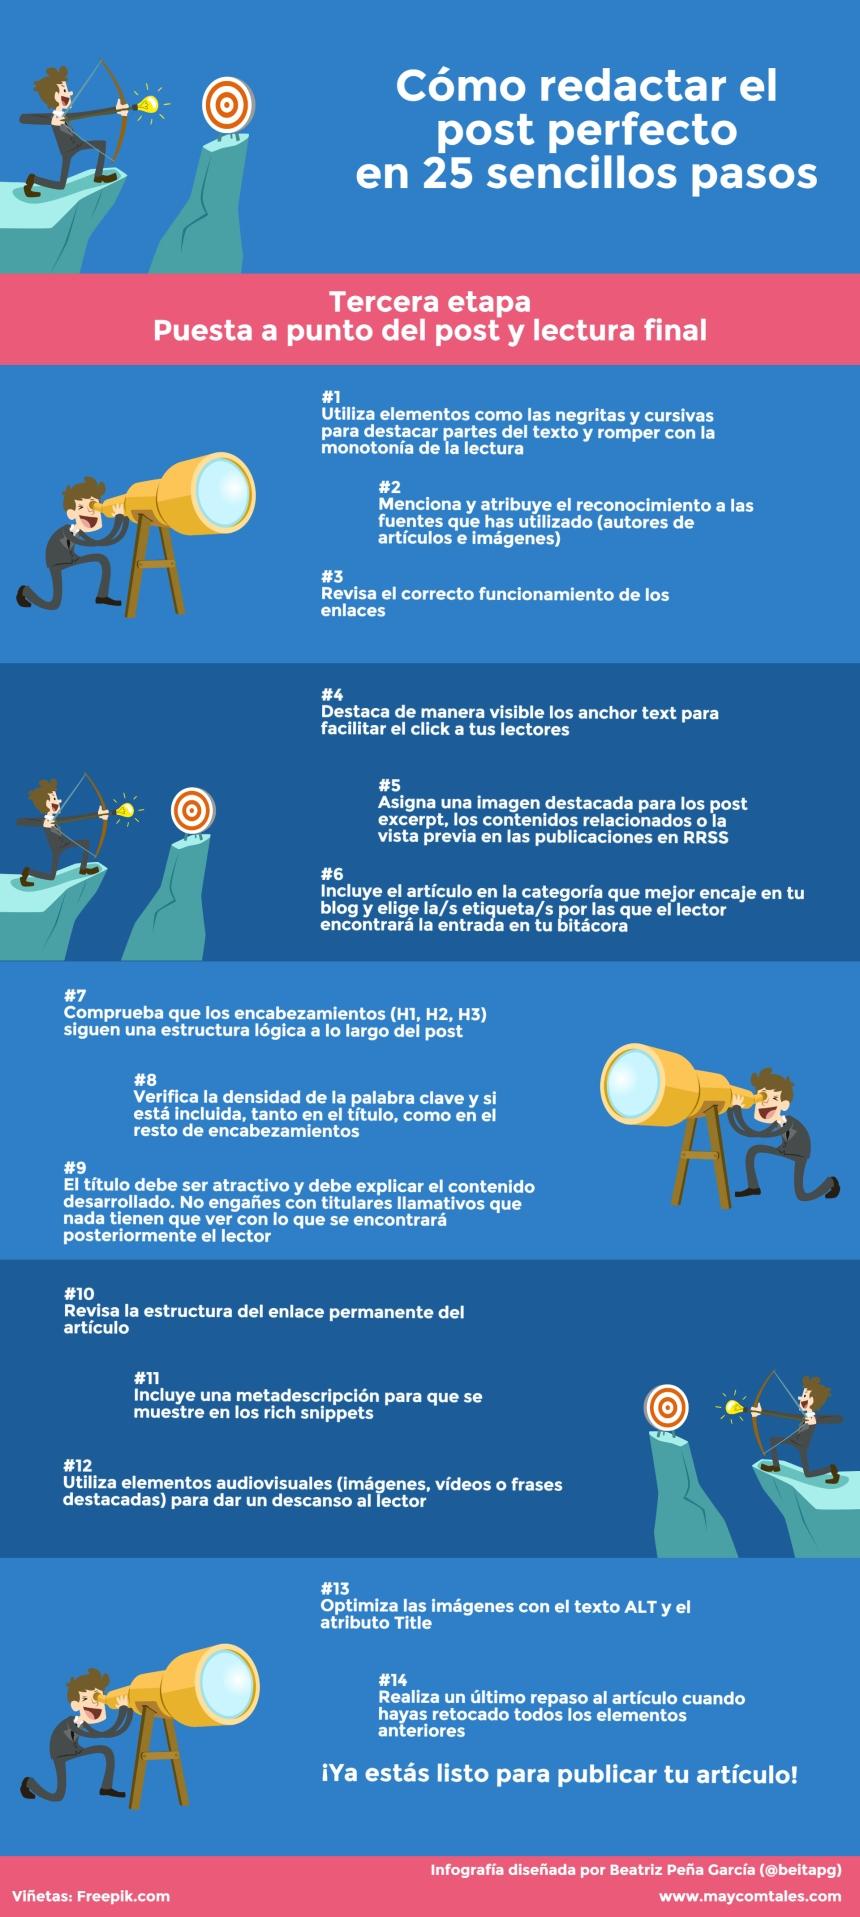 Cómo redactar el post perfecto en 25 pasos